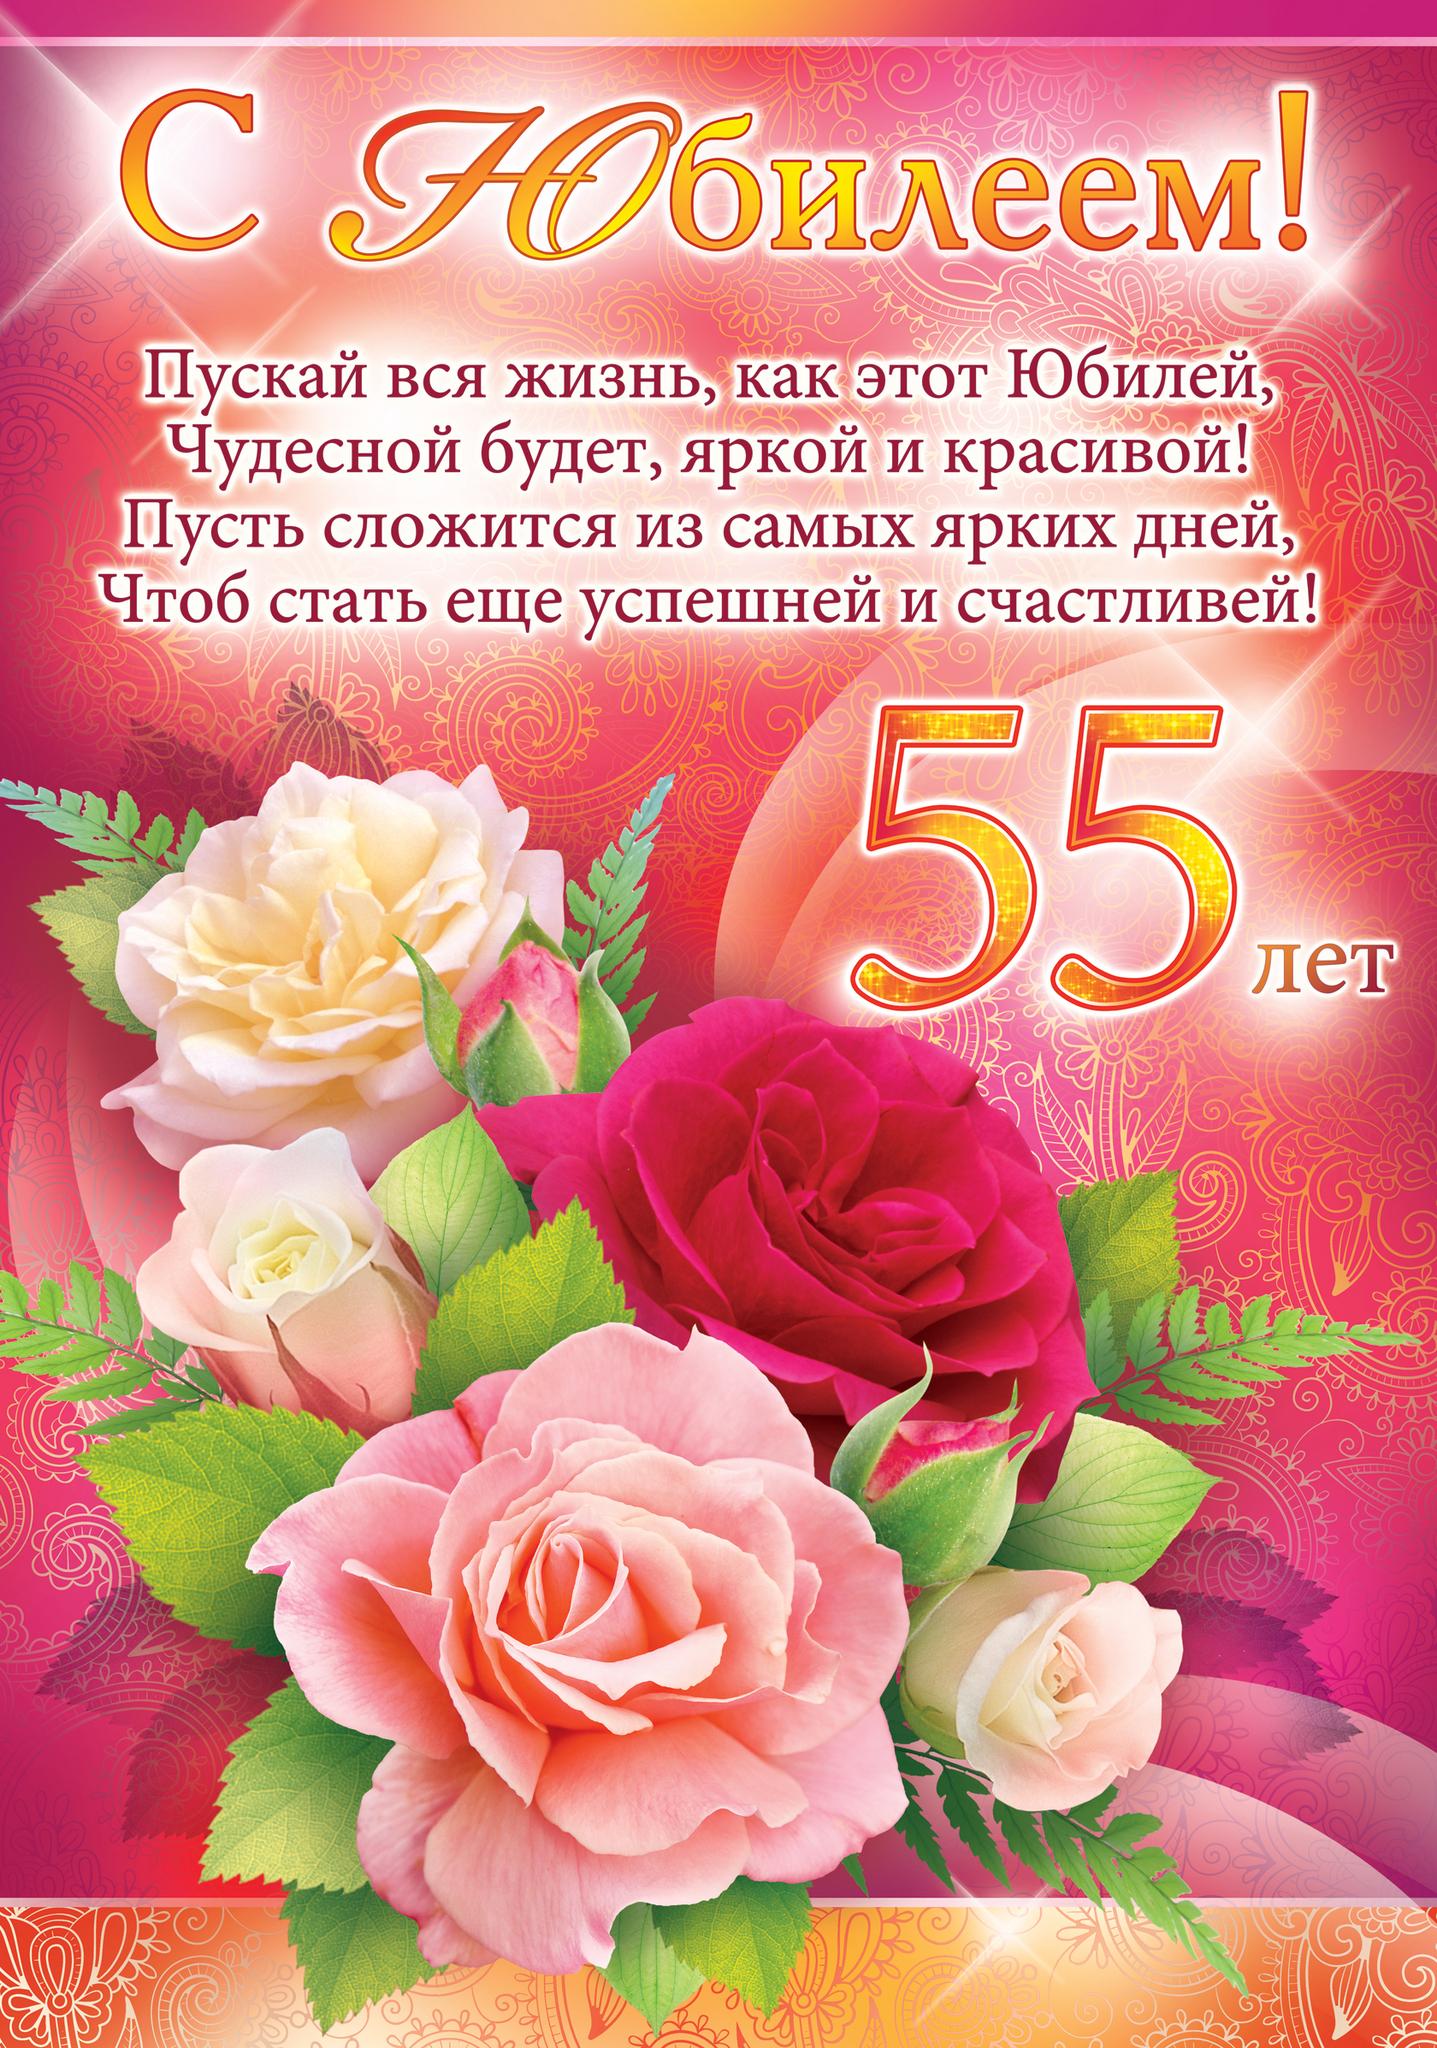 Короткое поздравление с 55 летним юбилеем женщине 744